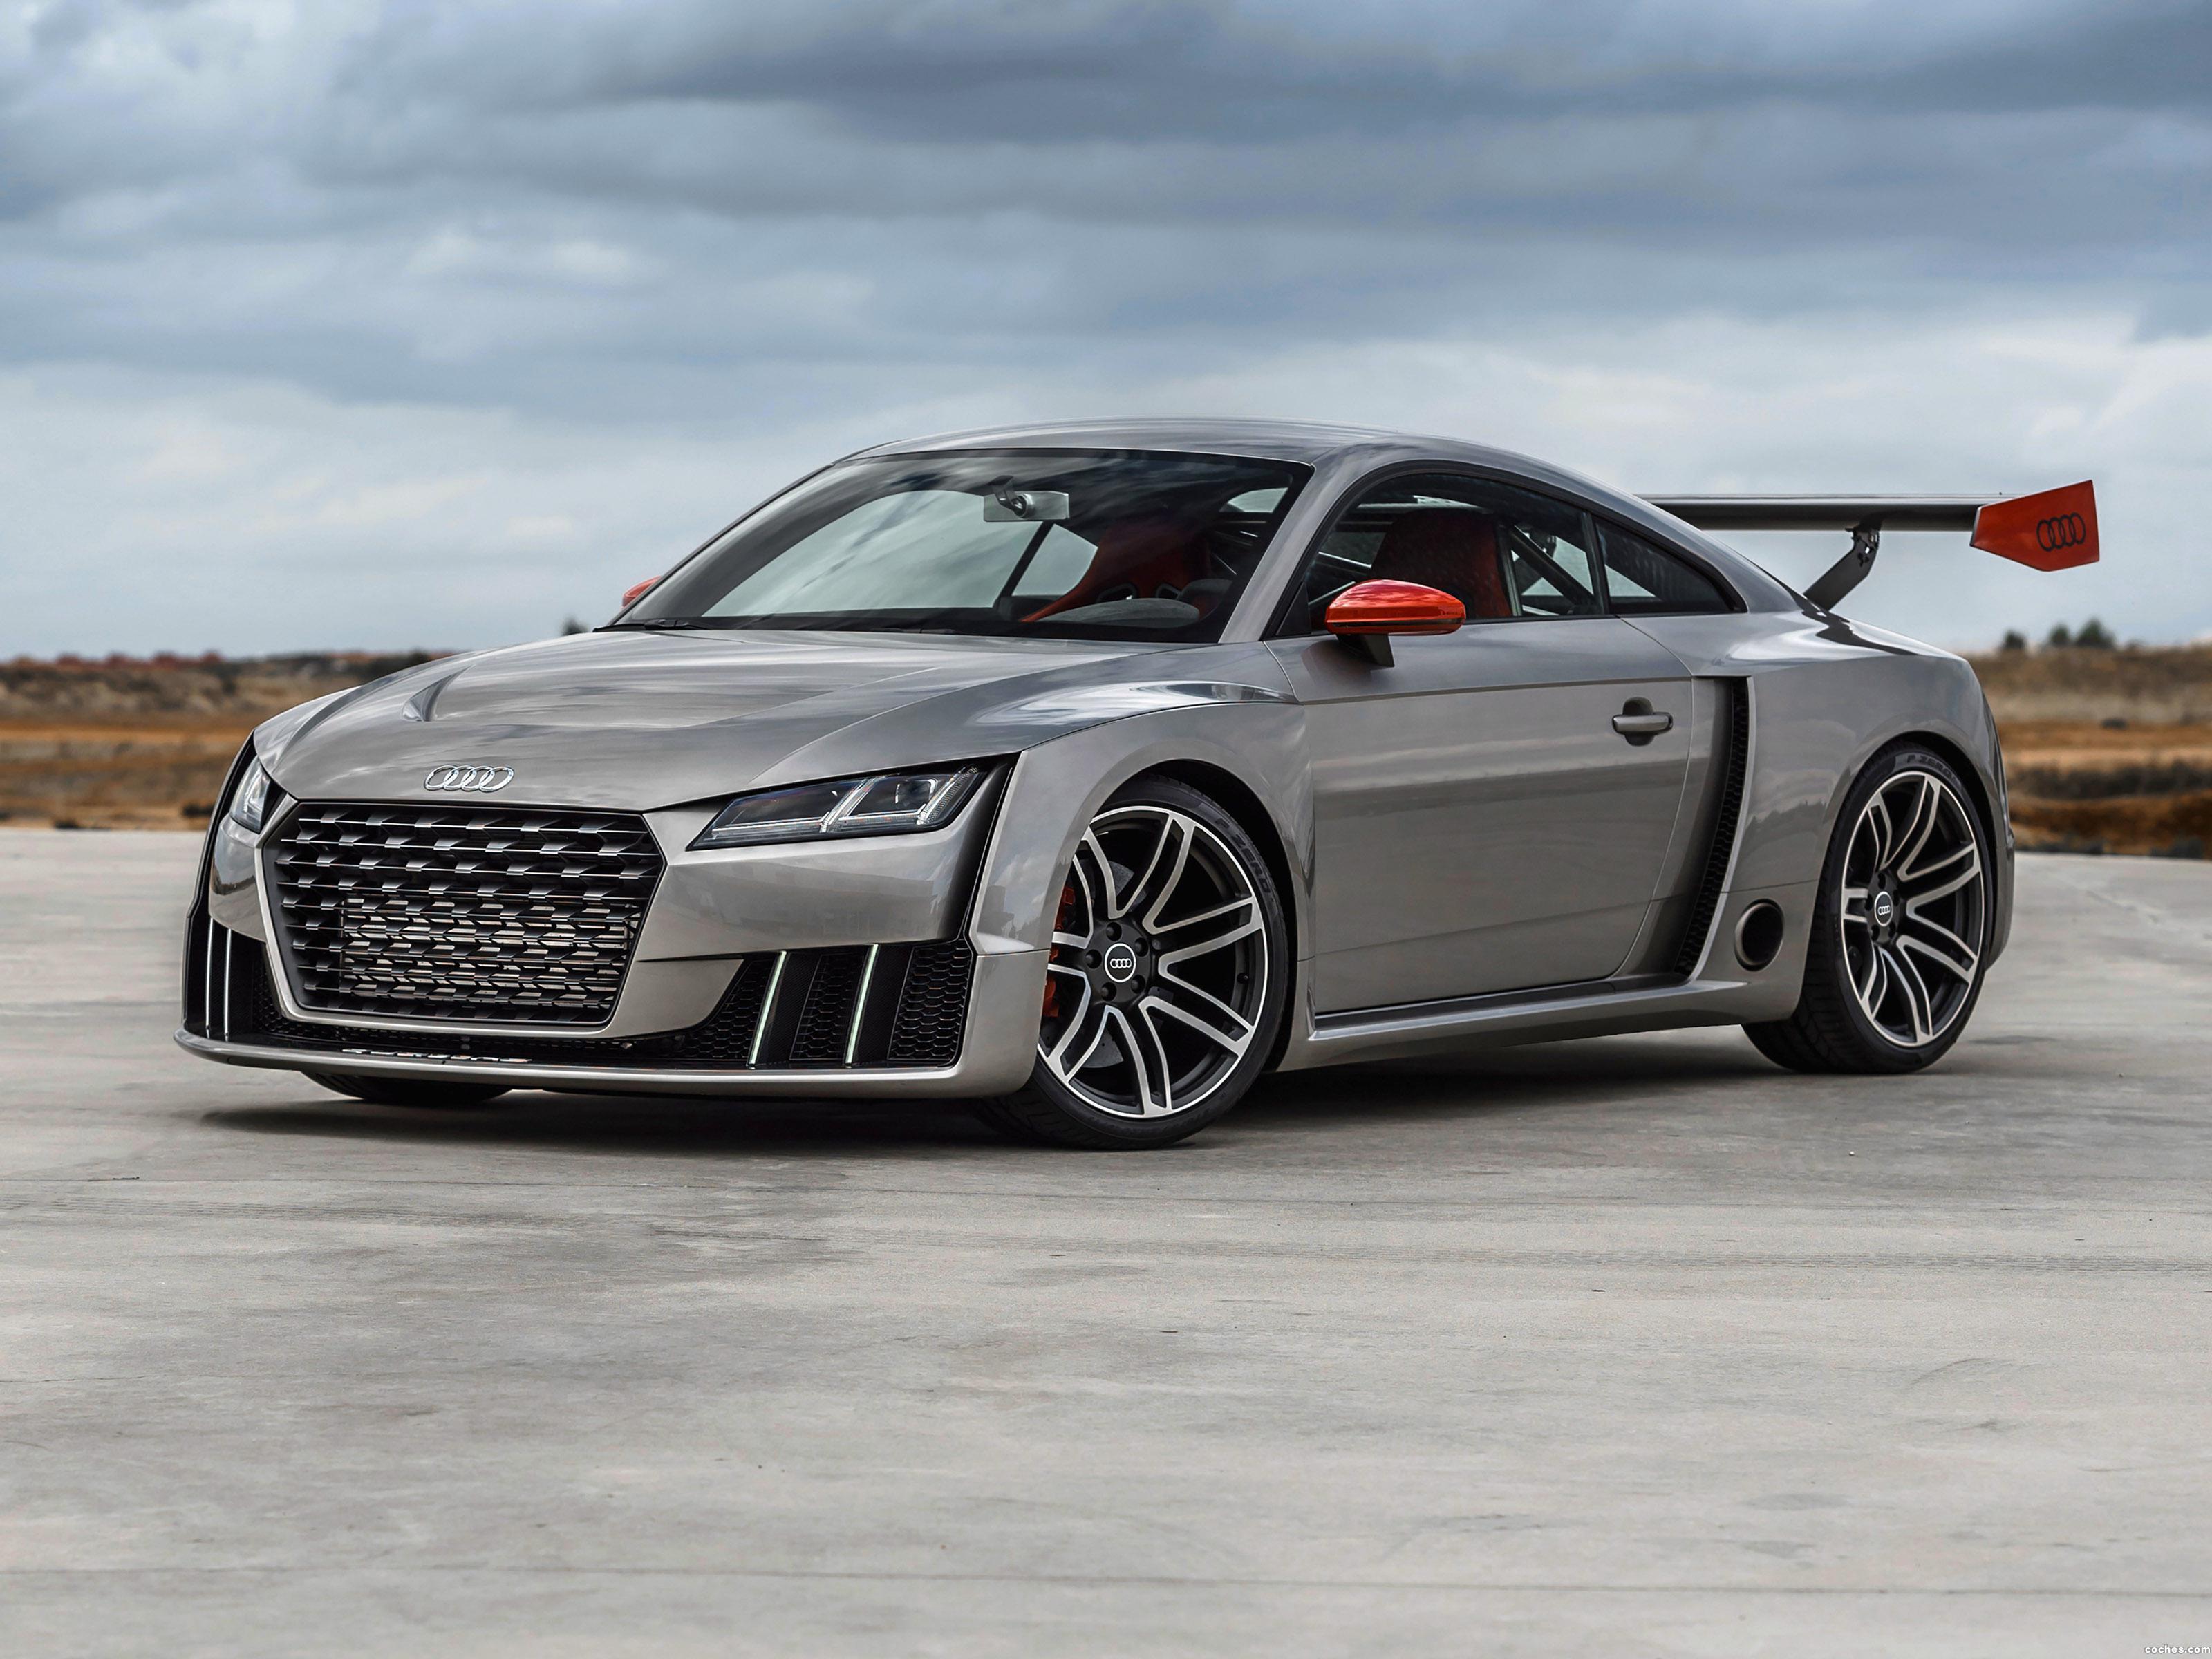 Foto 0 de Audi TT Clubsport Turbo Concept 2015